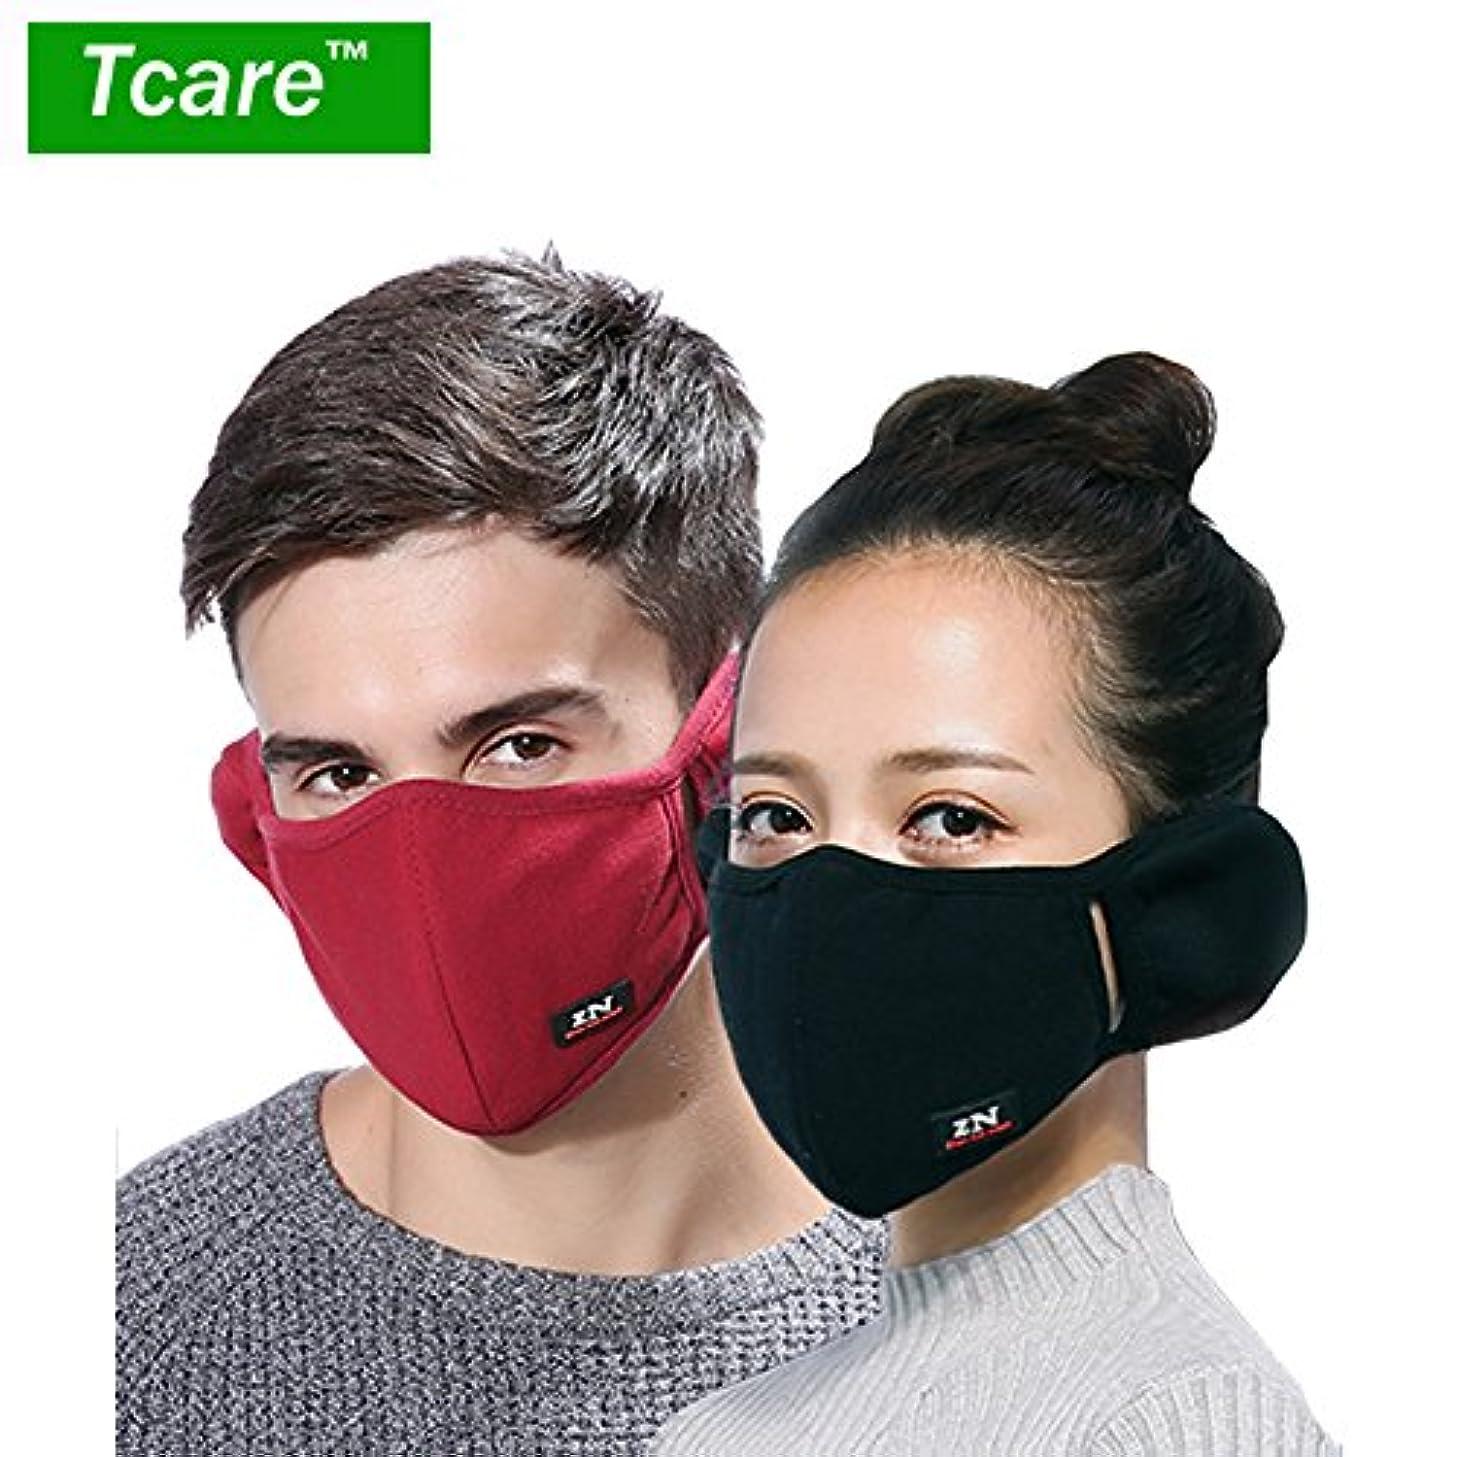 巻き取りありそうピース男性女性の少年少女のためのTcare呼吸器2レイヤピュアコットン保護フィルター挿入口:6ピンク